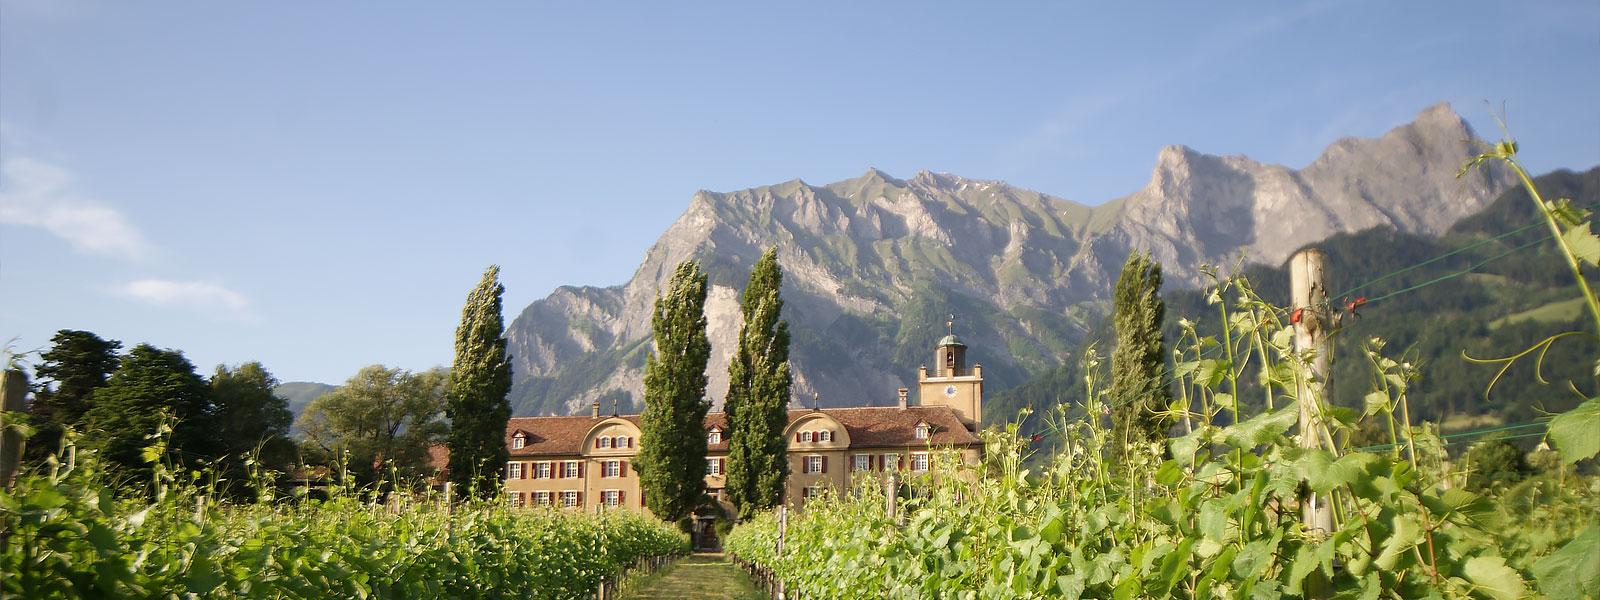 Schloss Salenegg